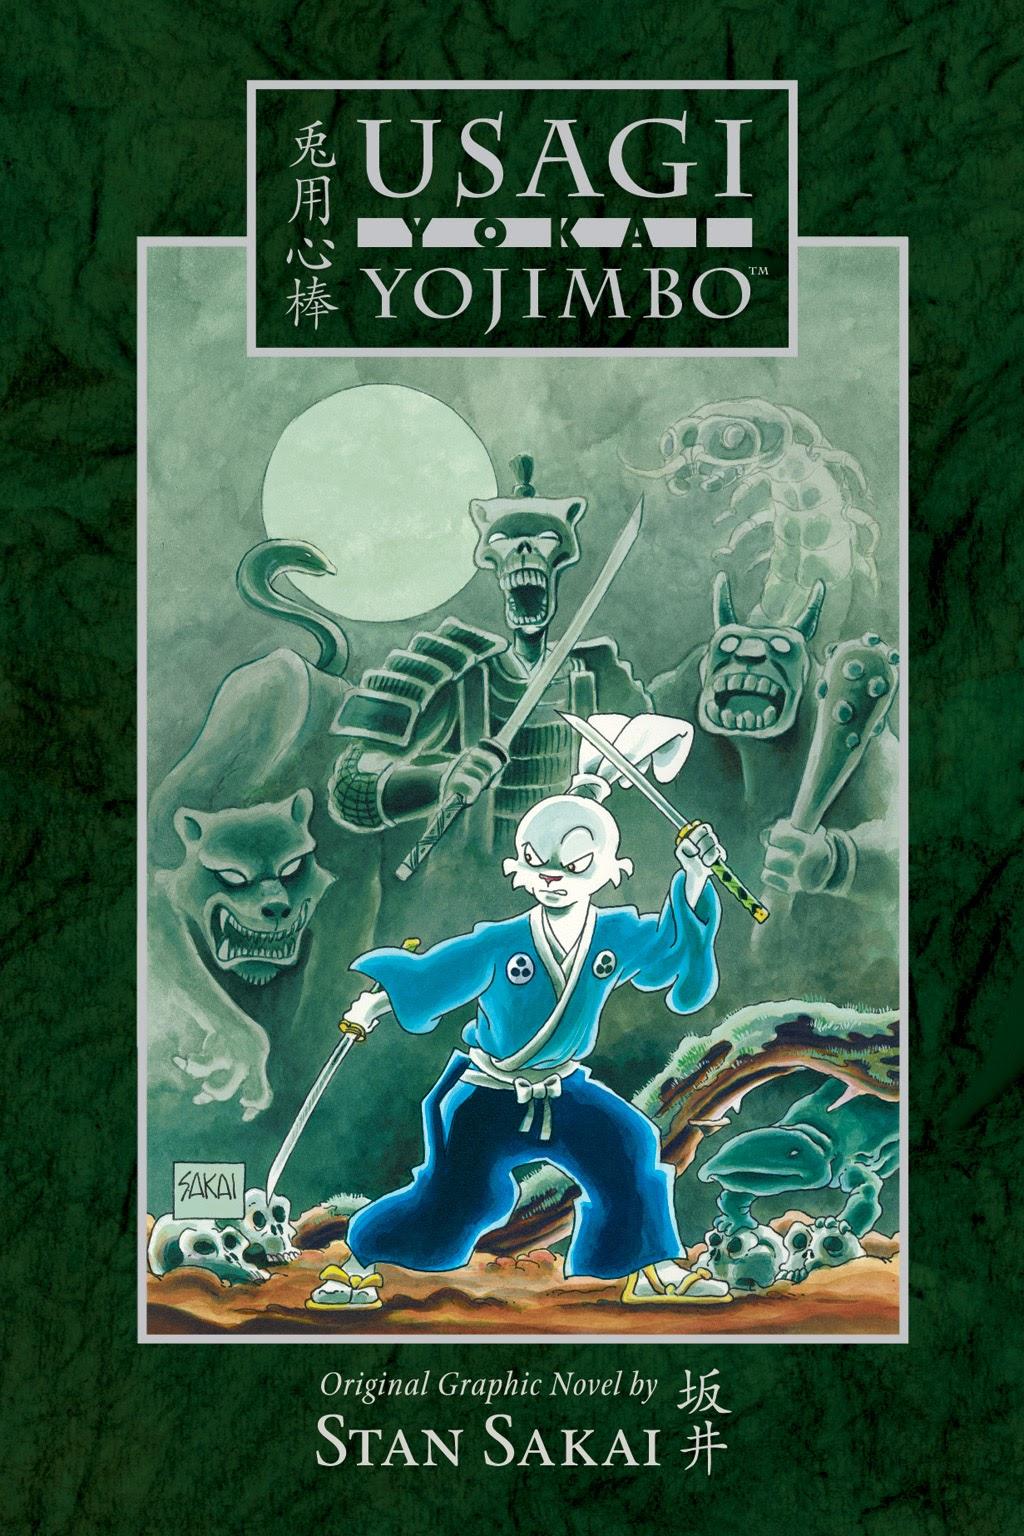 Read online Usagi Yojimbo: Yokai comic -  Issue # Full - 1